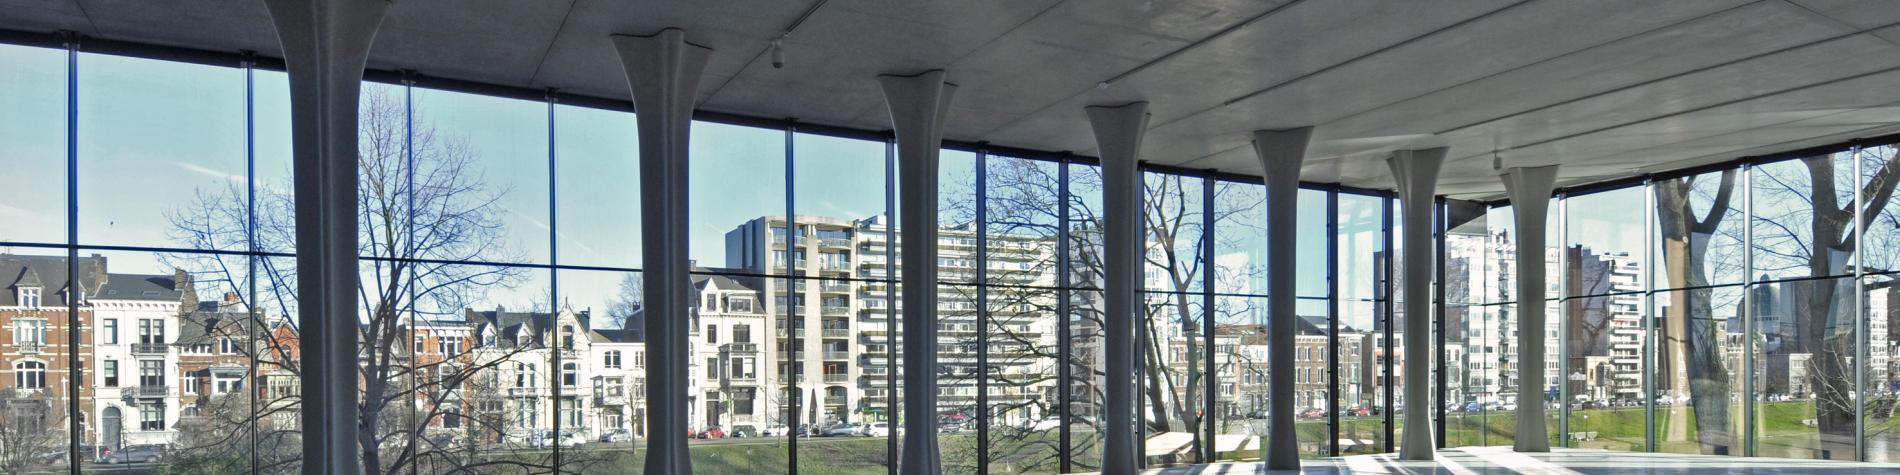 Musée de La Boverie - Salle d'exposition intérieure